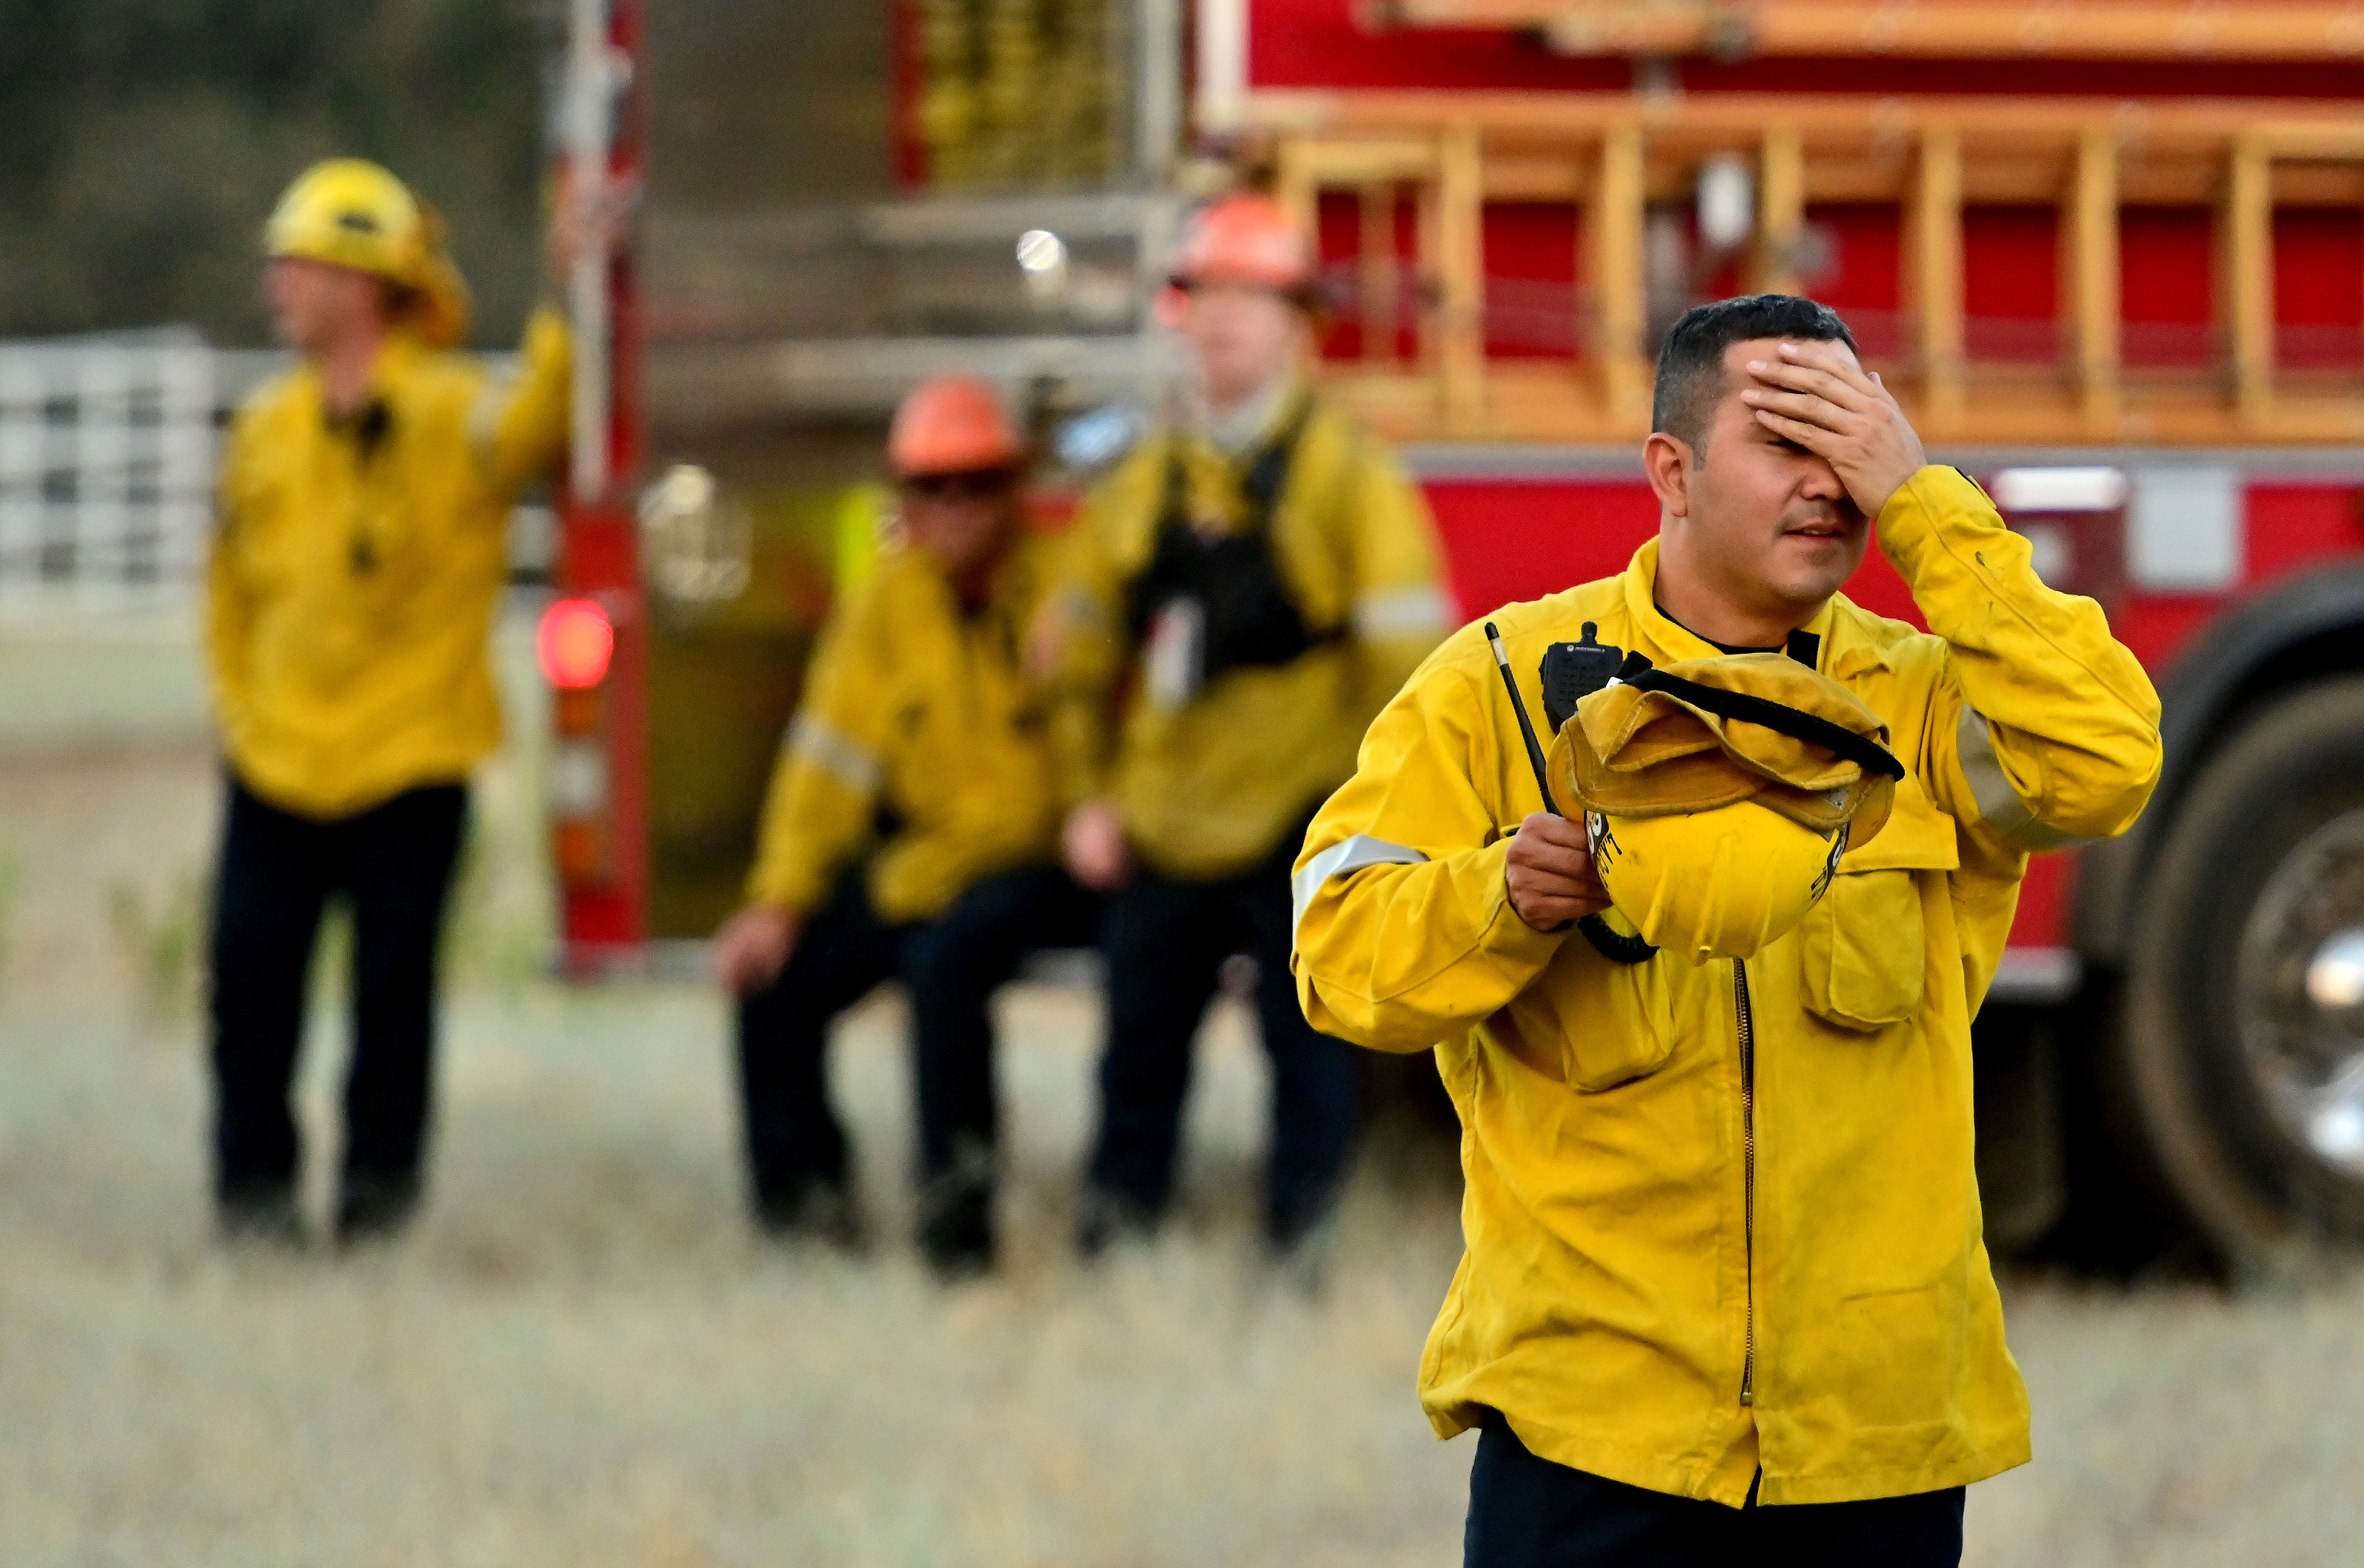 تجاوز عدد عناصر الاطفاء في المنطقة 1200 شخص لكنهم لم تمكنوا حتى الآن من إطفاء الحرائق